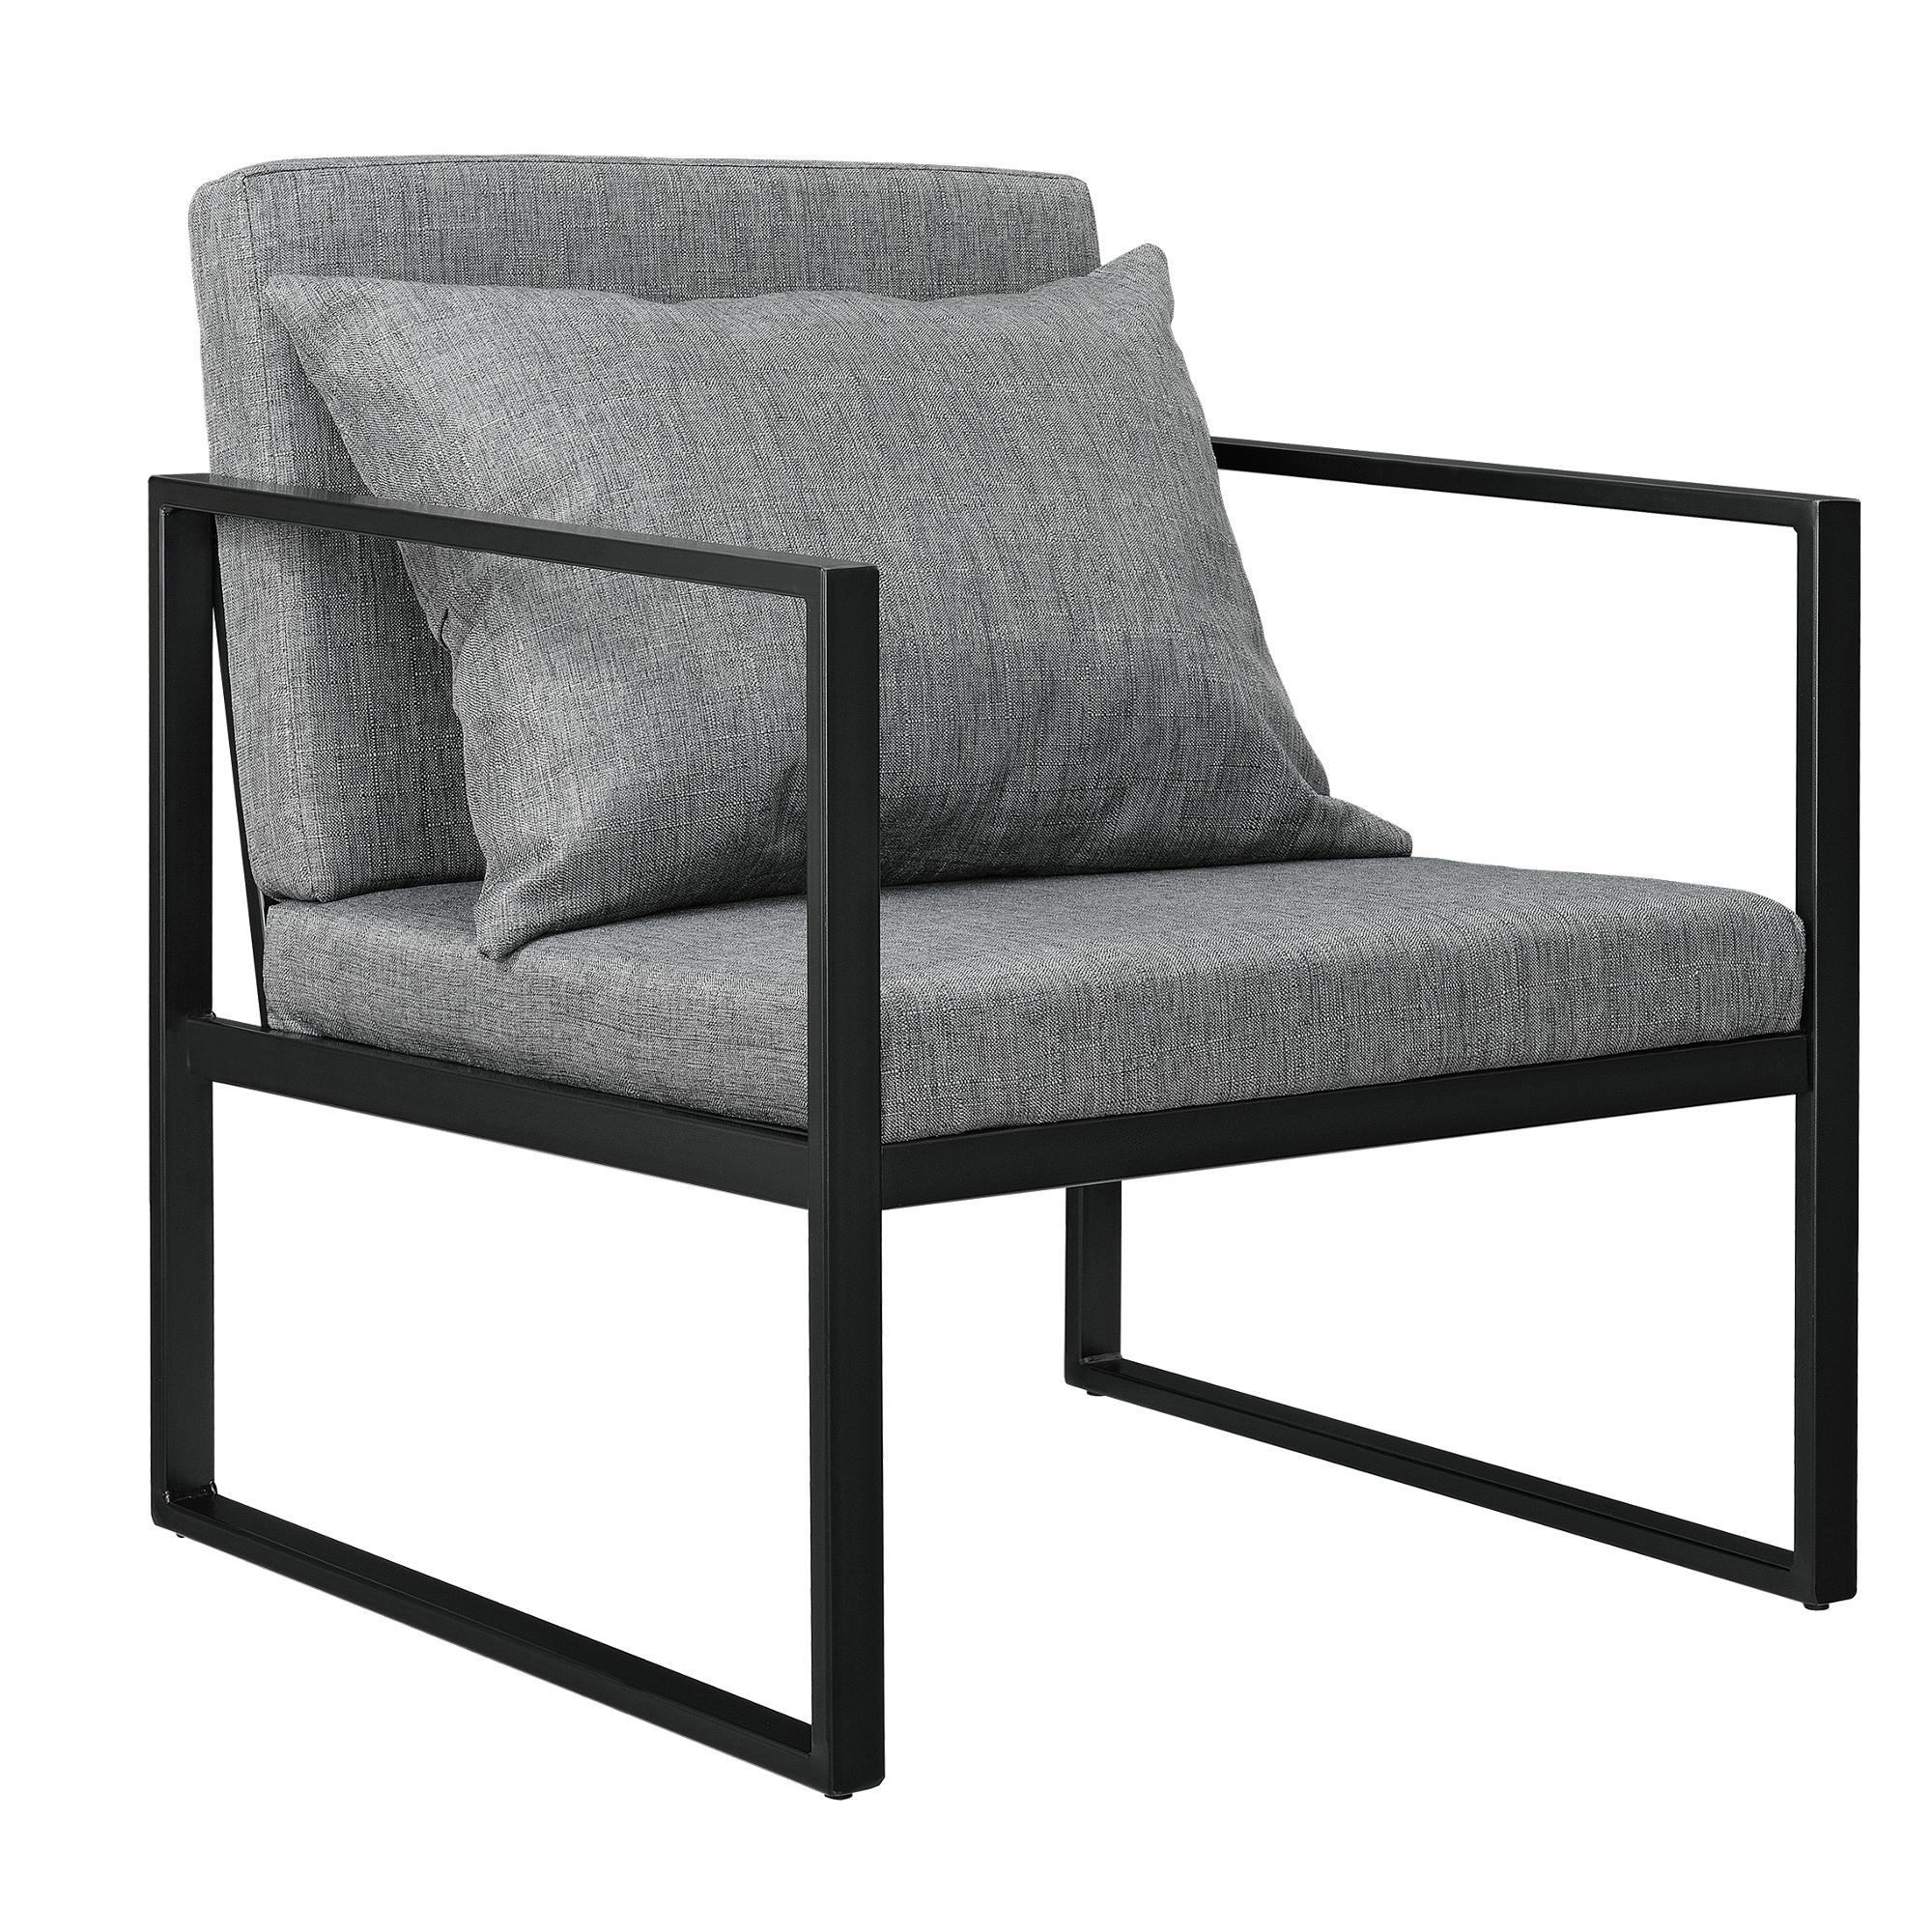 2x fauteuil bascule chaise de salon gris tissu ebay. Black Bedroom Furniture Sets. Home Design Ideas